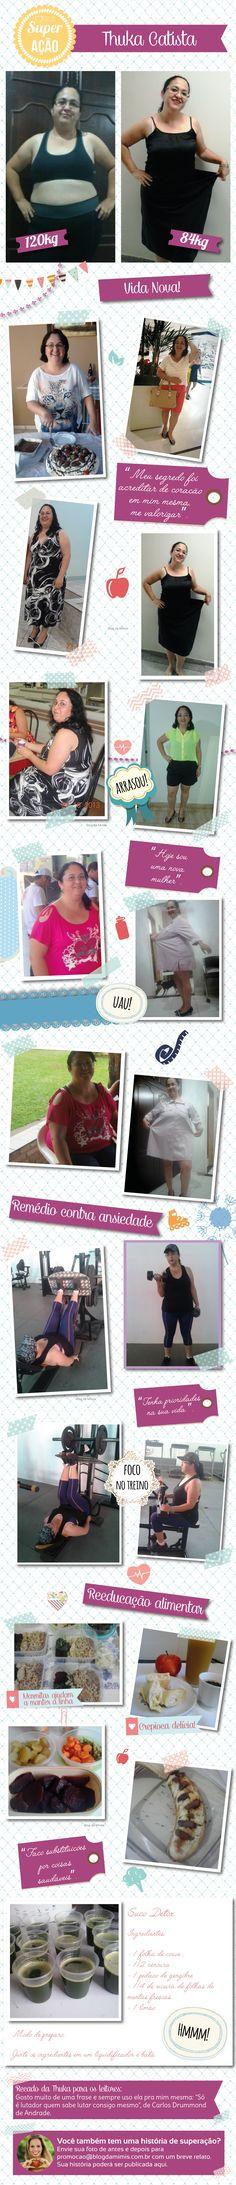 Superação Thuka: como vencer a depressão e mandar 36kg embora - Blog da Mimis…